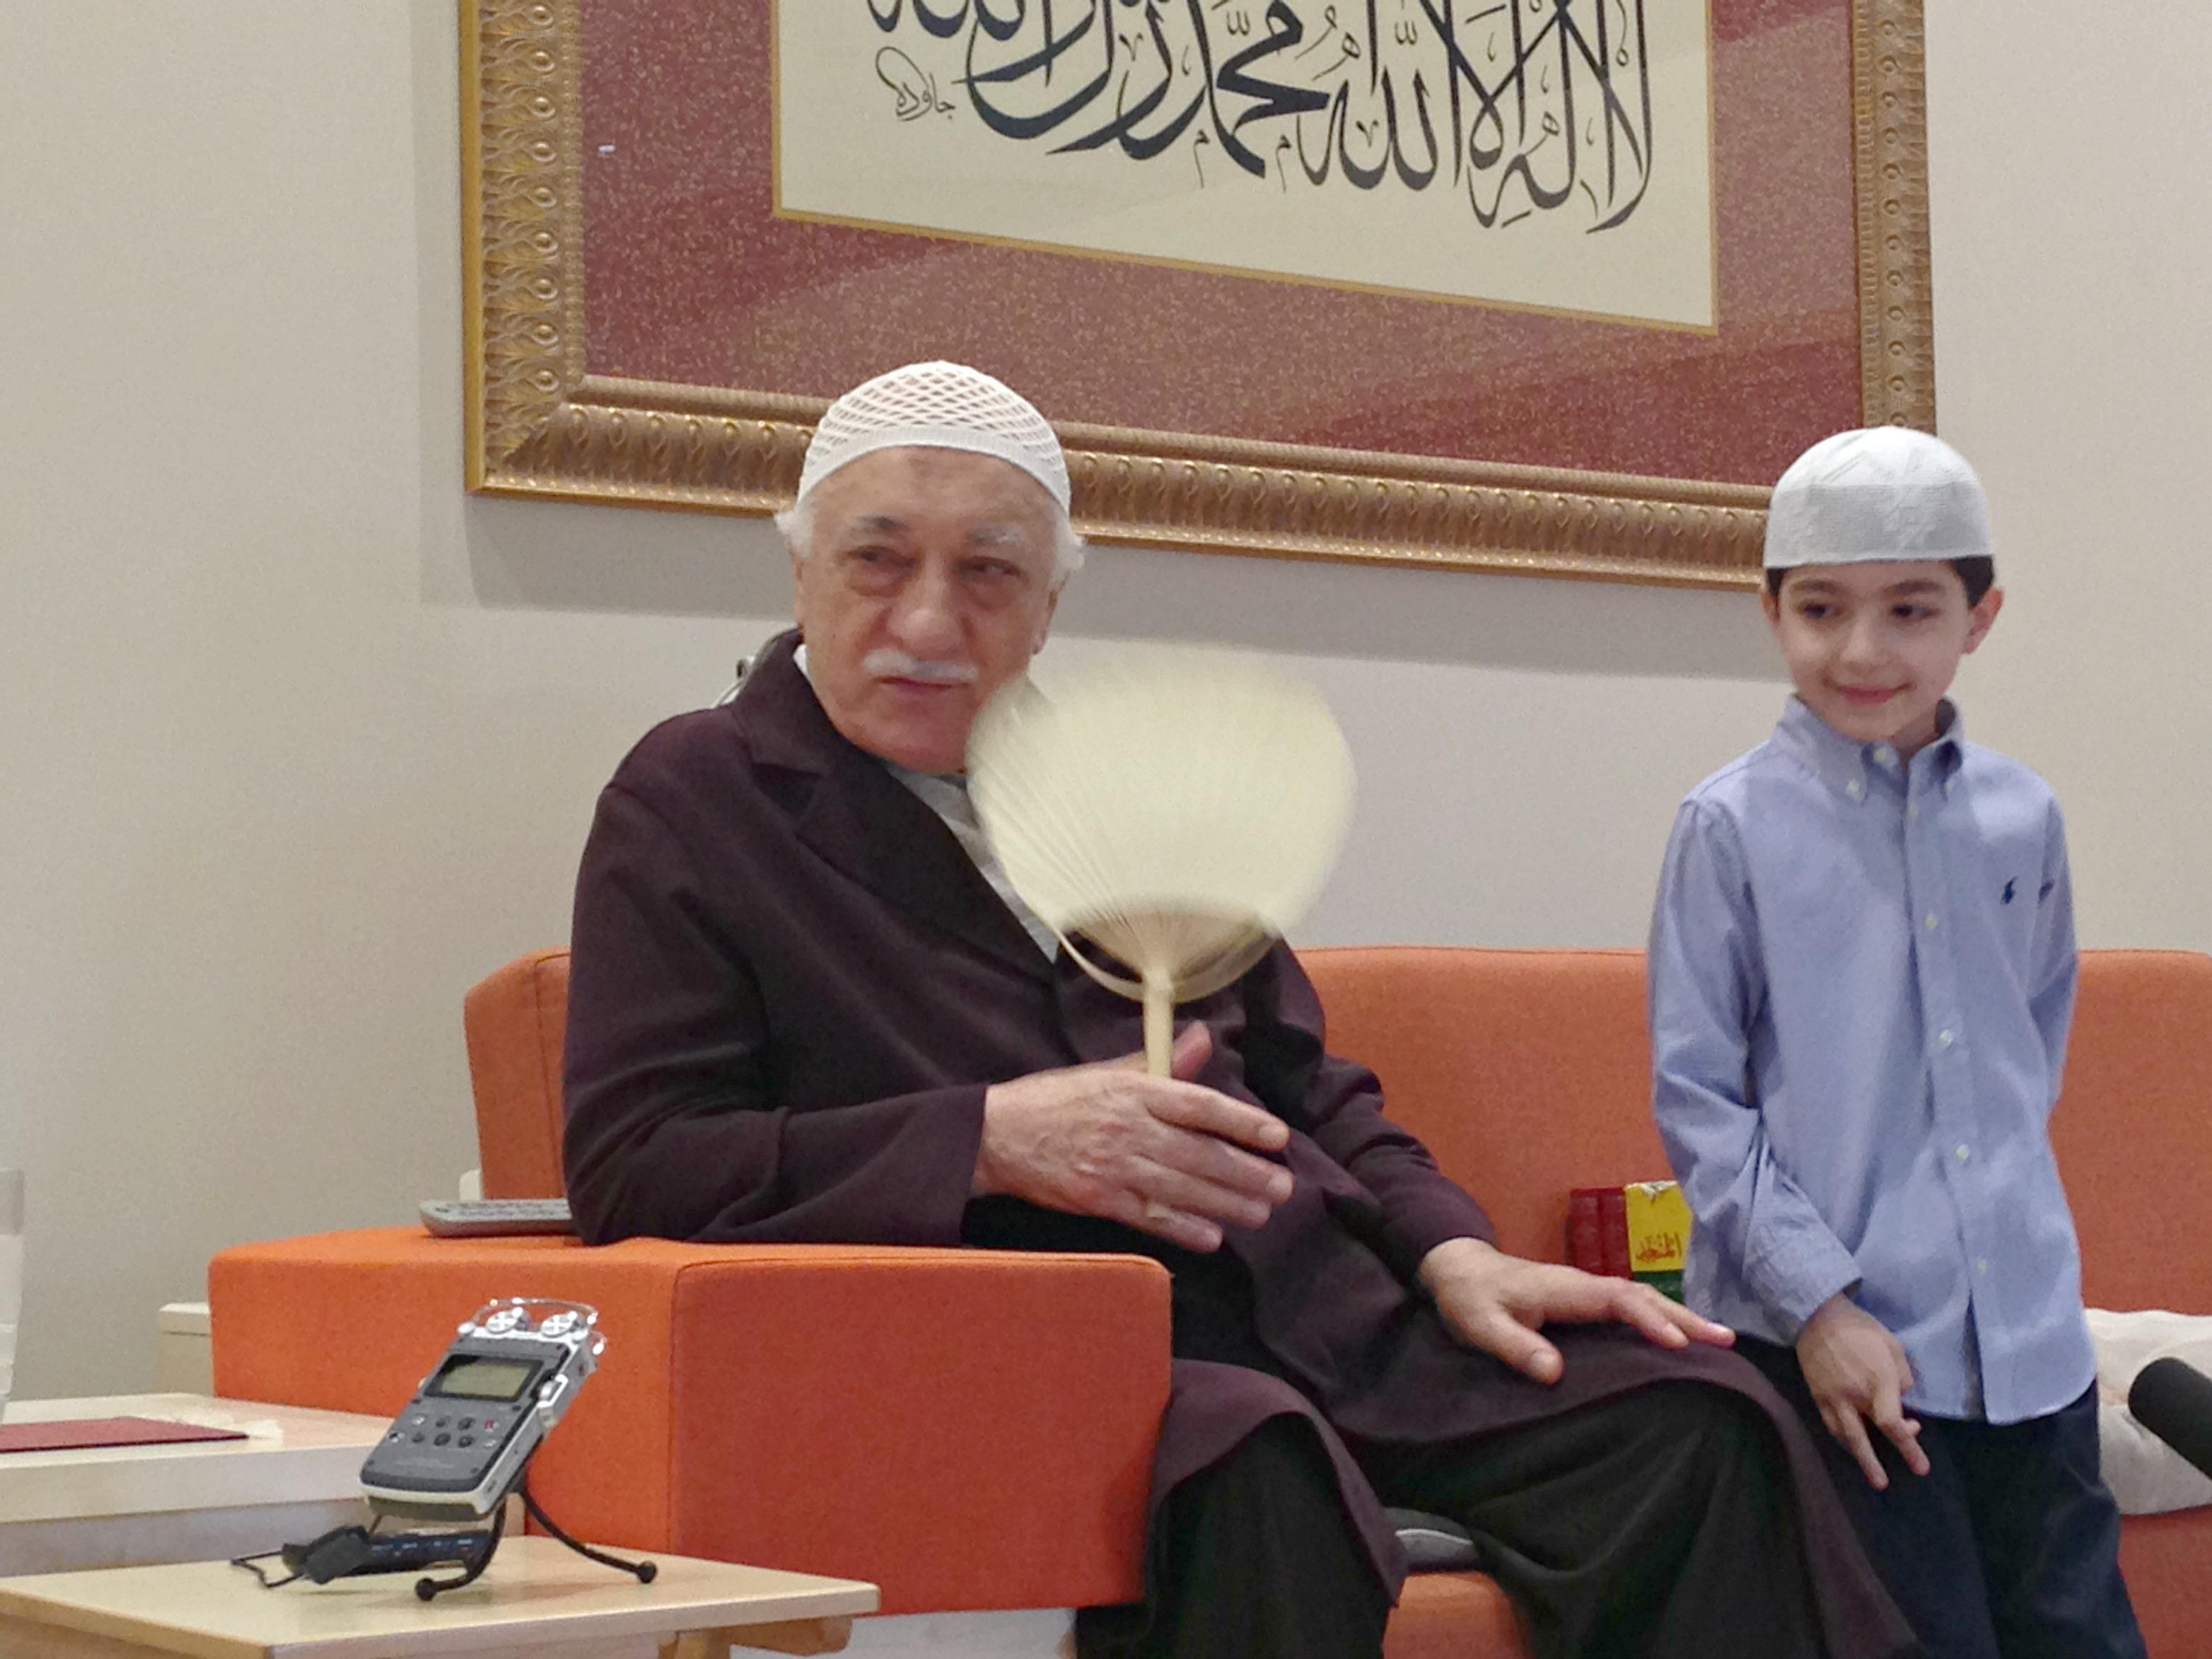 Muhterem Fethullah Gülen Hocaefendi ders arasında, ezberlediği sûreyi kendisine okumak isteyen küçük misafirimiz Selim Çalış kardeşimizi dinledi